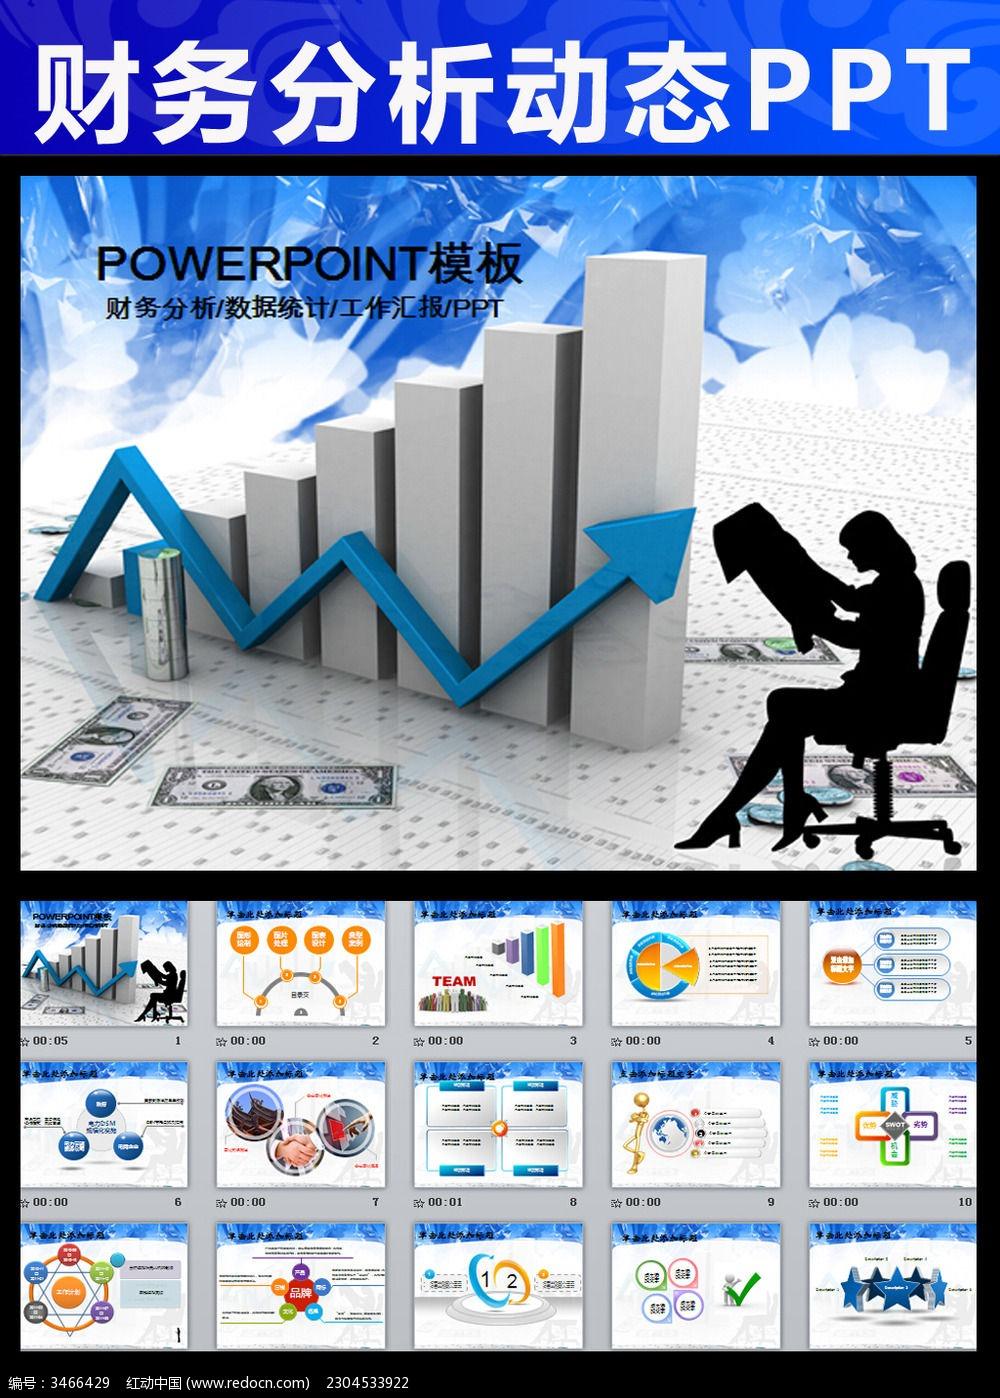 数据报告财务分析计划总结ppt模板pptx素材下载_金融图片